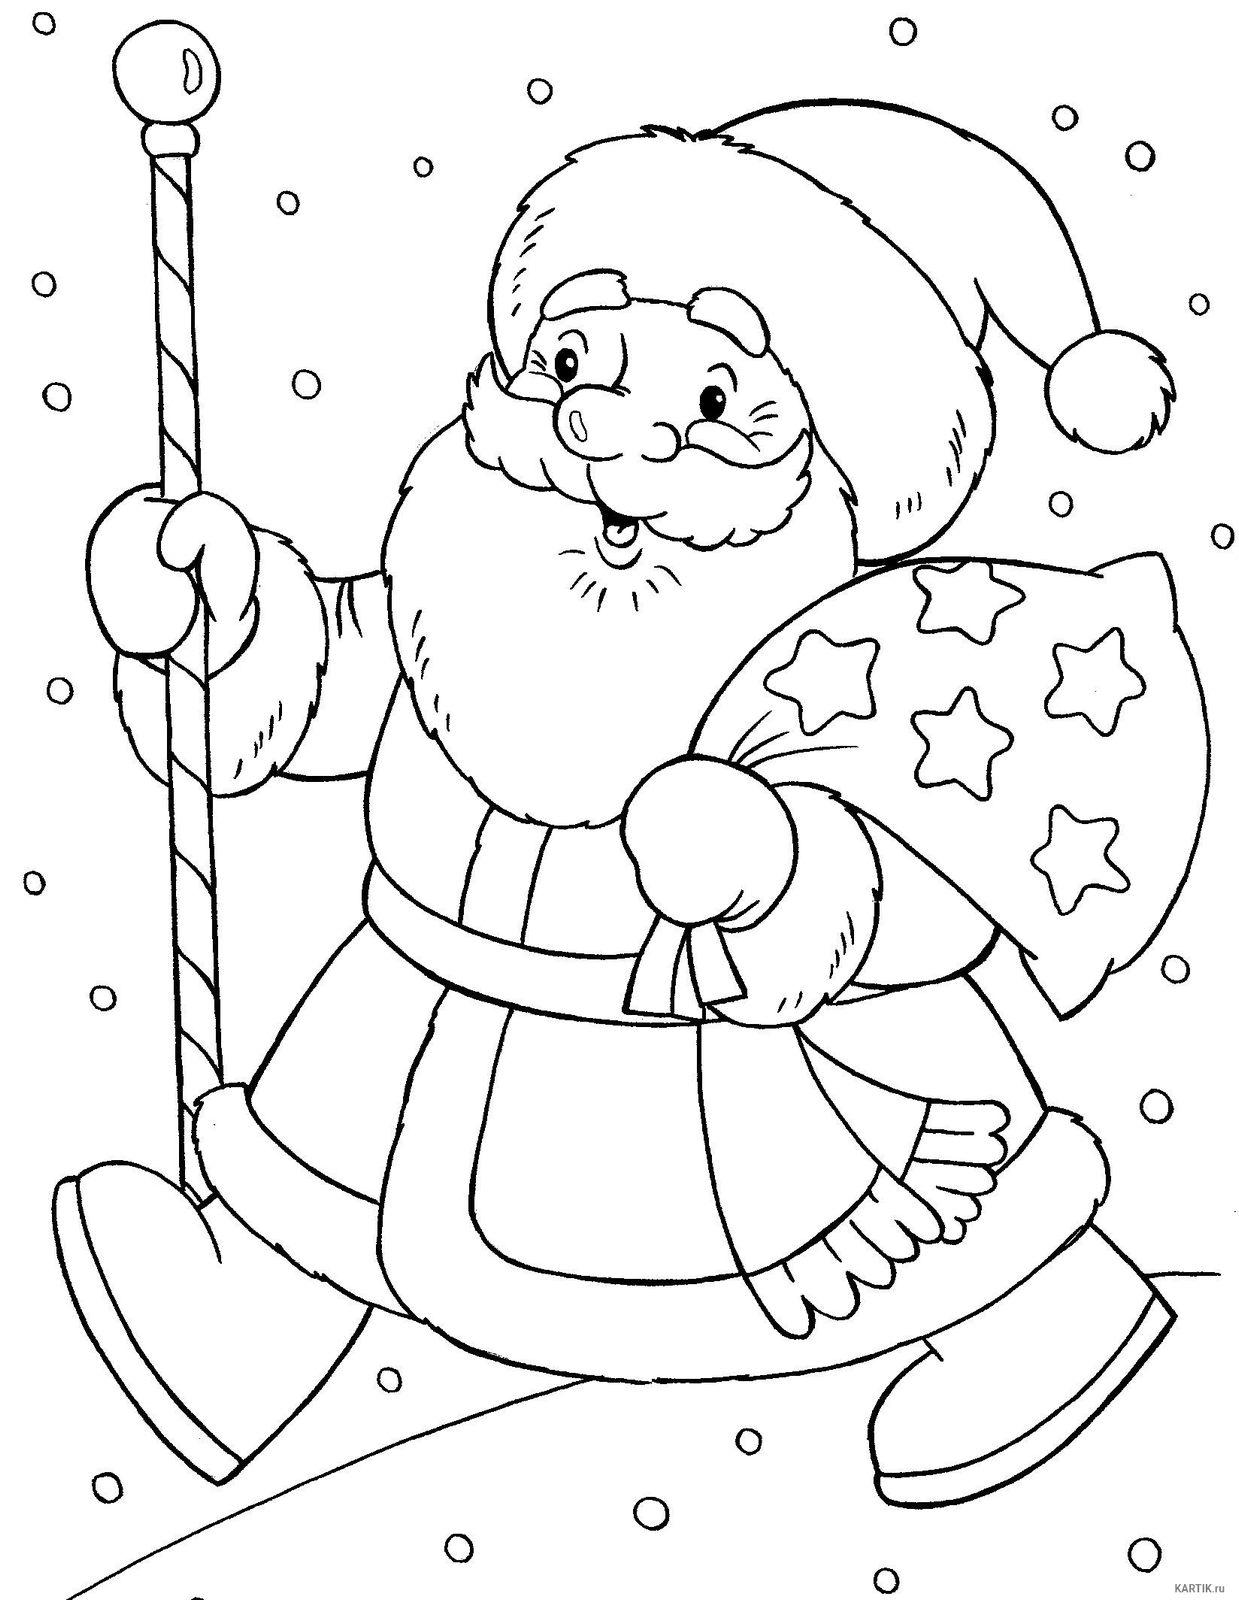 Раскраска Дед Мороз для детей - распечатать мега-набор!